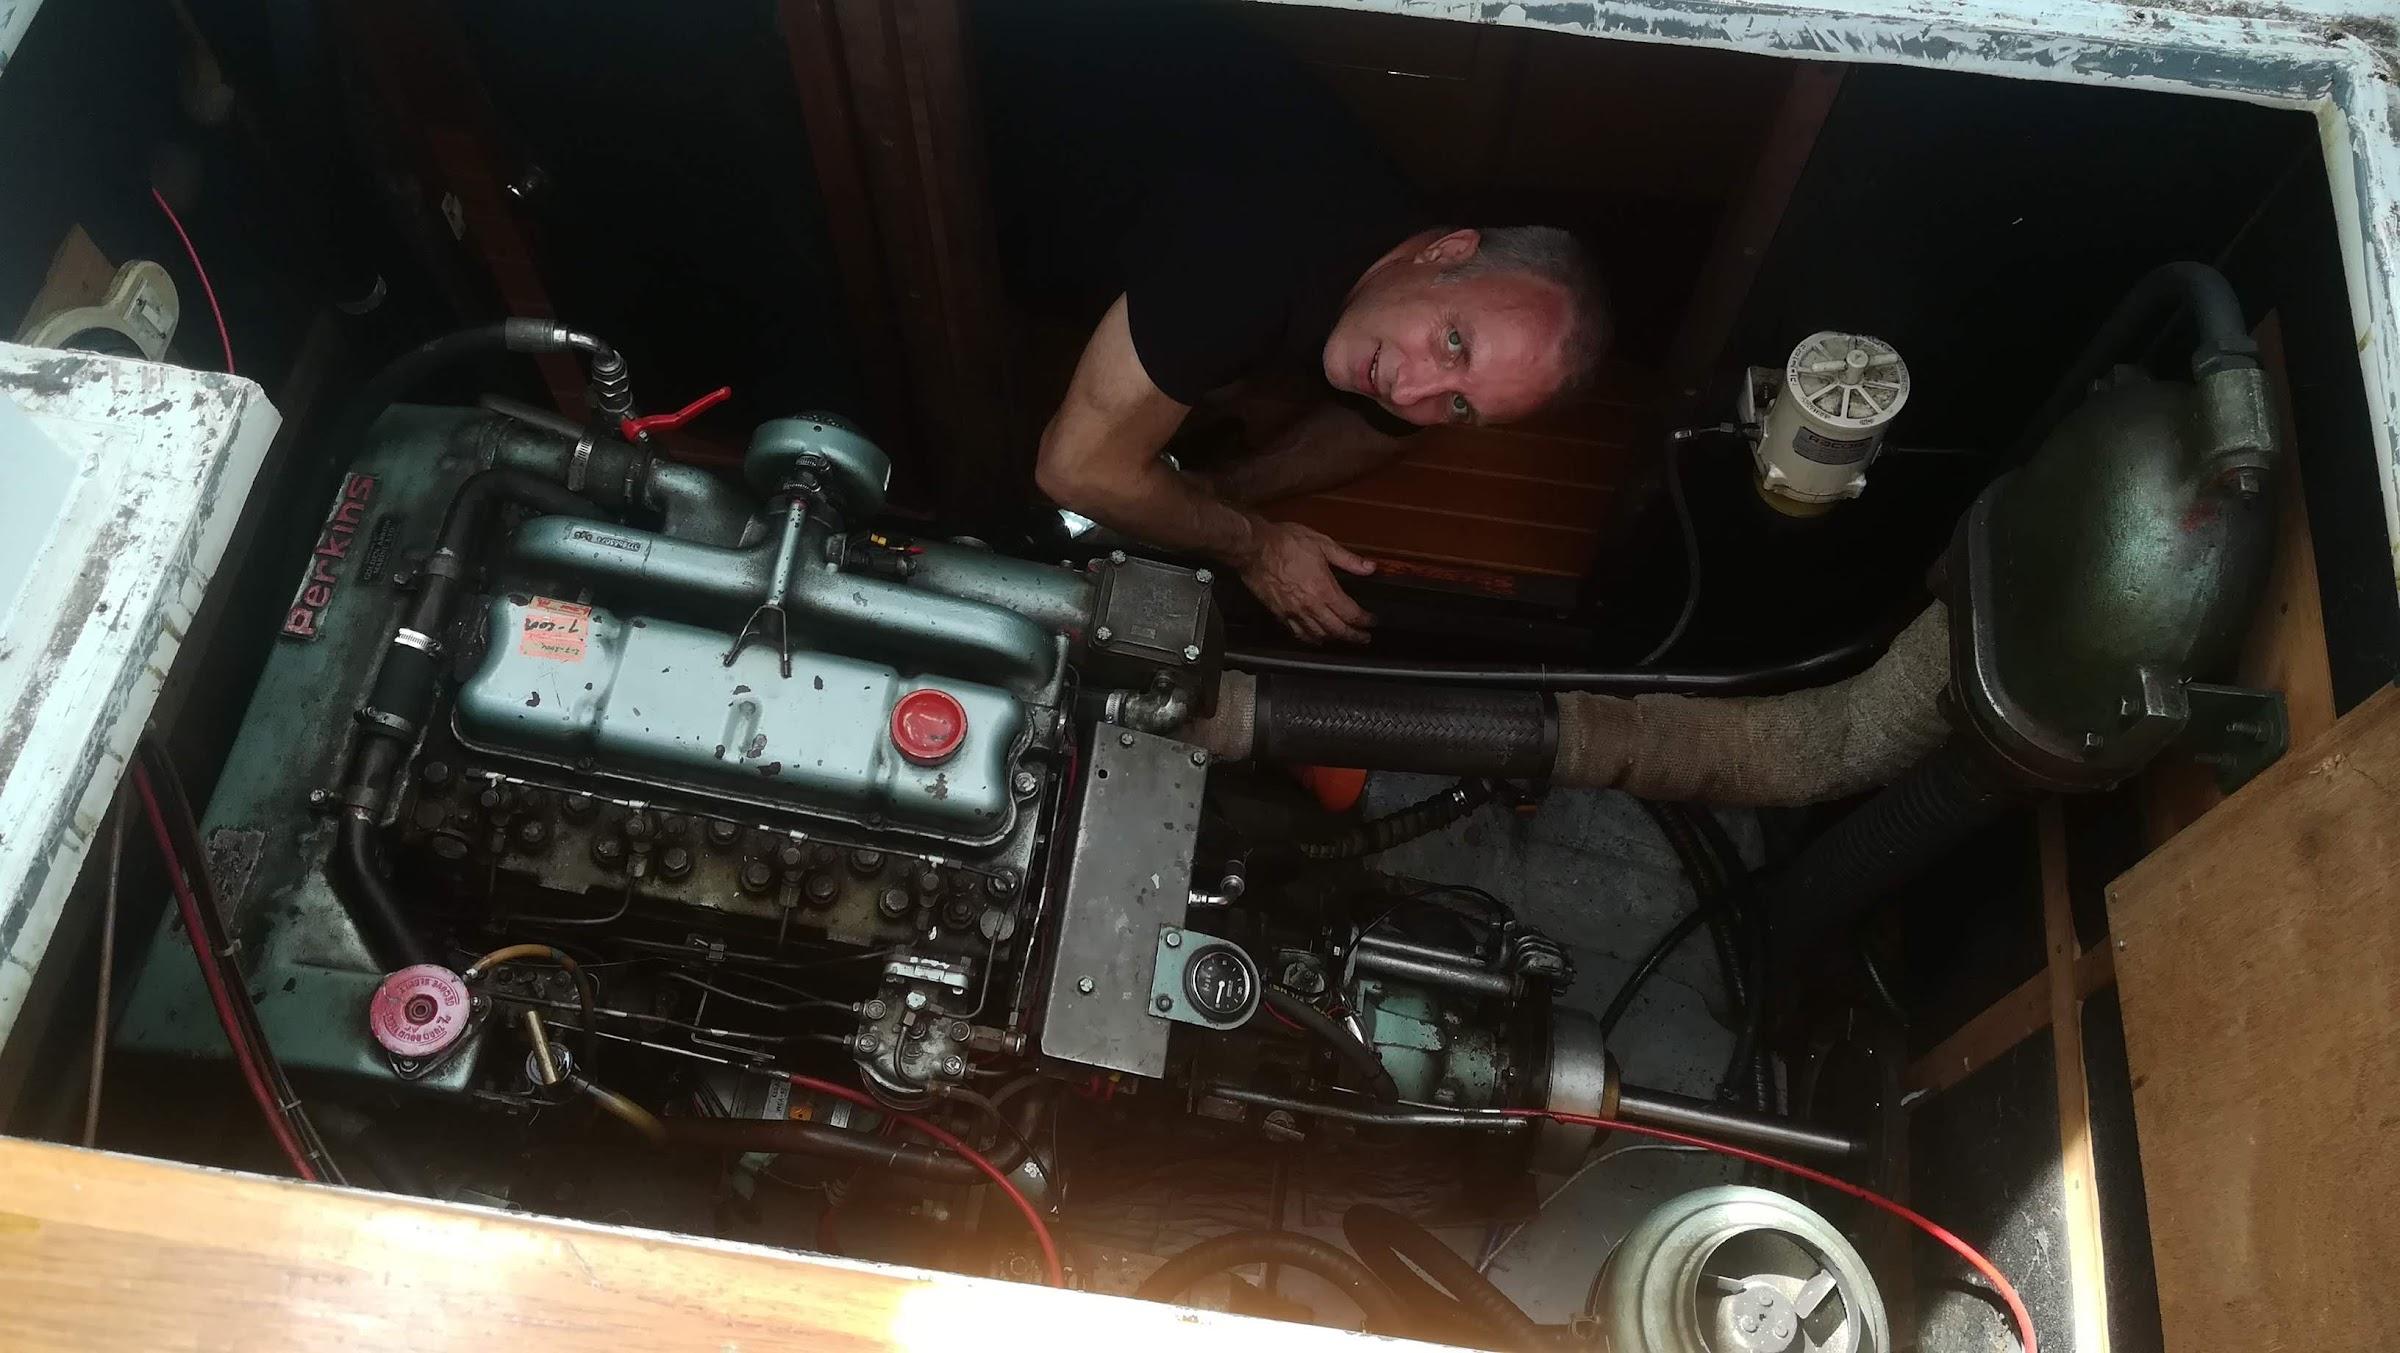 Proefdraaien van onze dieselmotor. Helemaal gelukt!